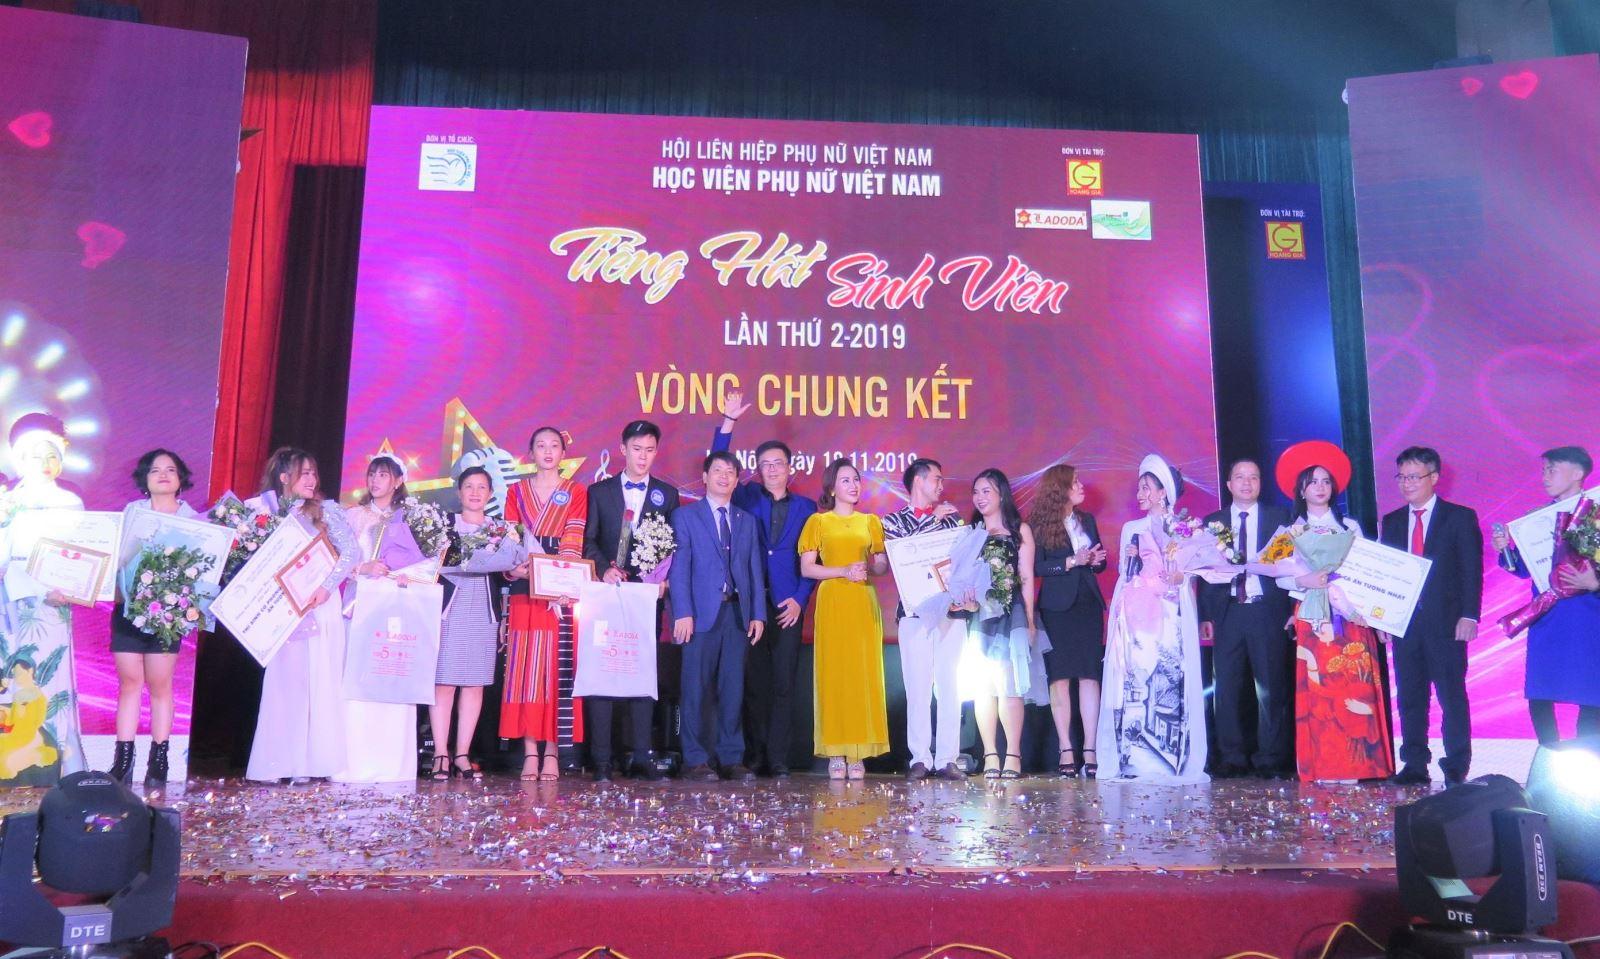 Sôi động Chung kết Tiếng hát sinh viên Học viện Phụ nữ Việt Nam